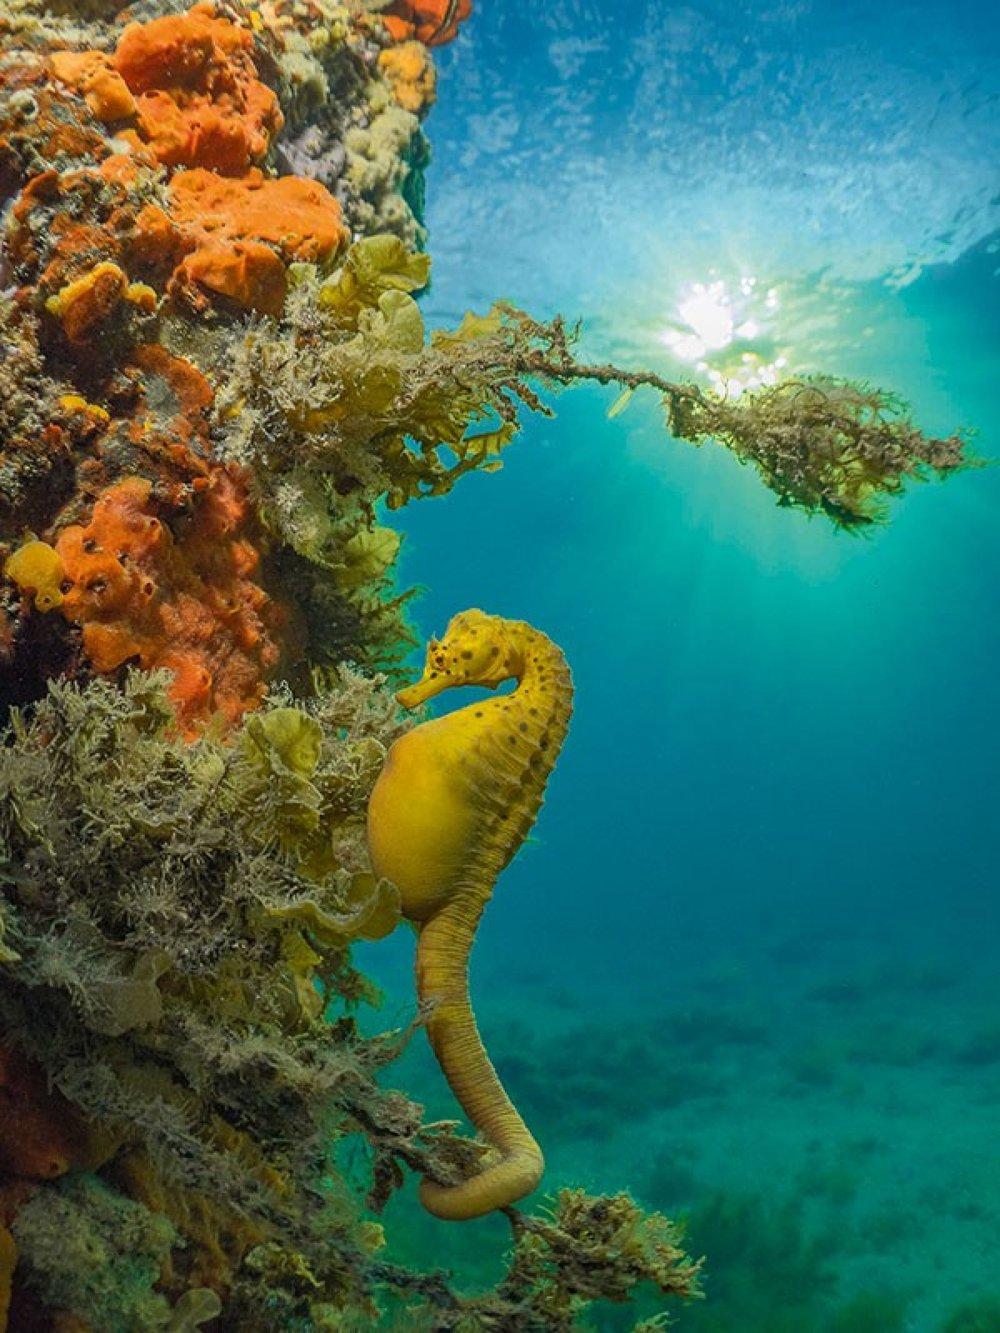 racv big belly seahorse.jpg